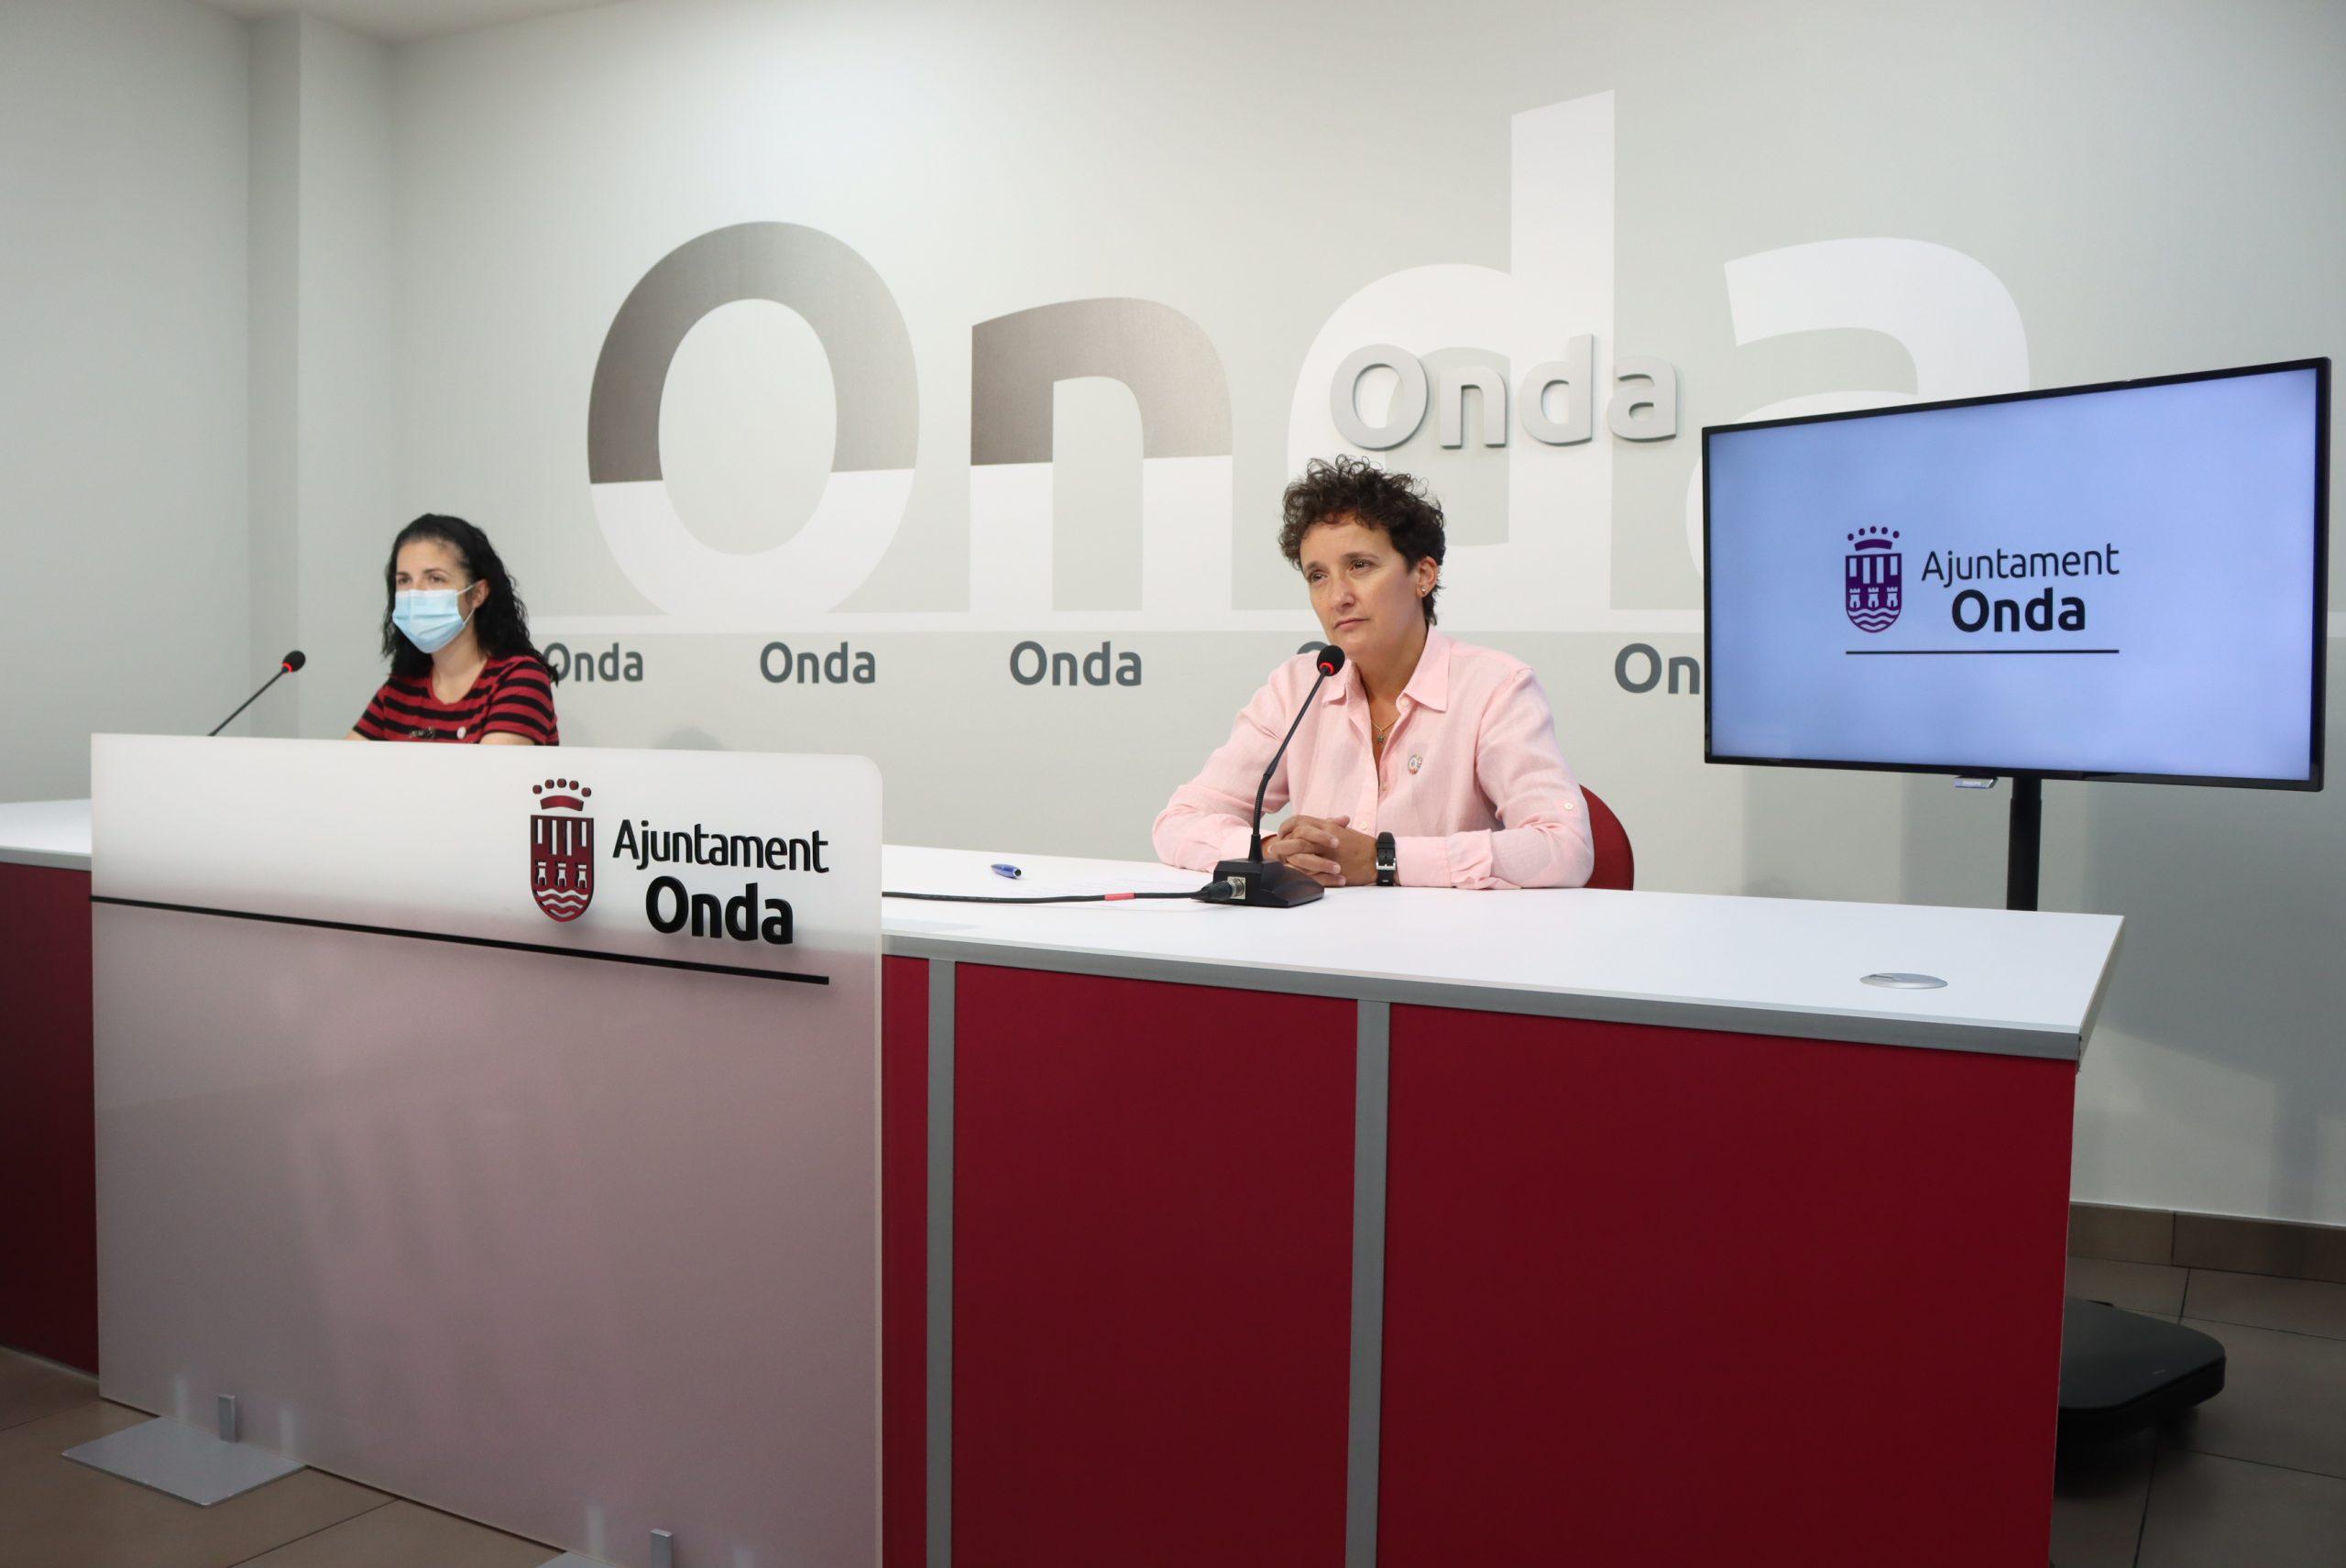 Entrevista a la teniente alcalde de Fiestas y Cultura de Onda, María Prades